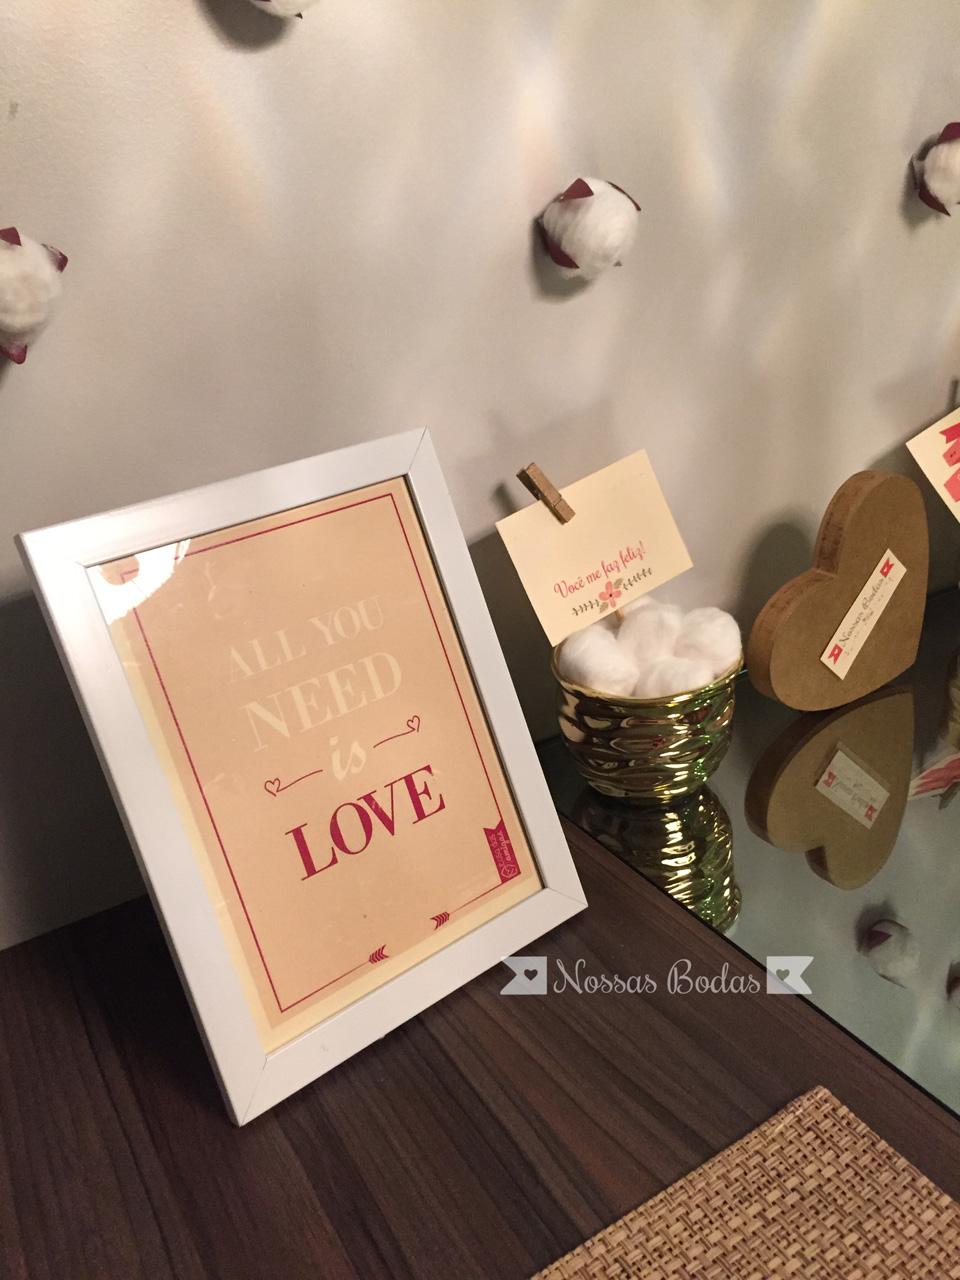 Bodas de Algodão - Dois anos de casamento dos leitores Keilly e Ricardo - Blog Nossas Bodas (2)